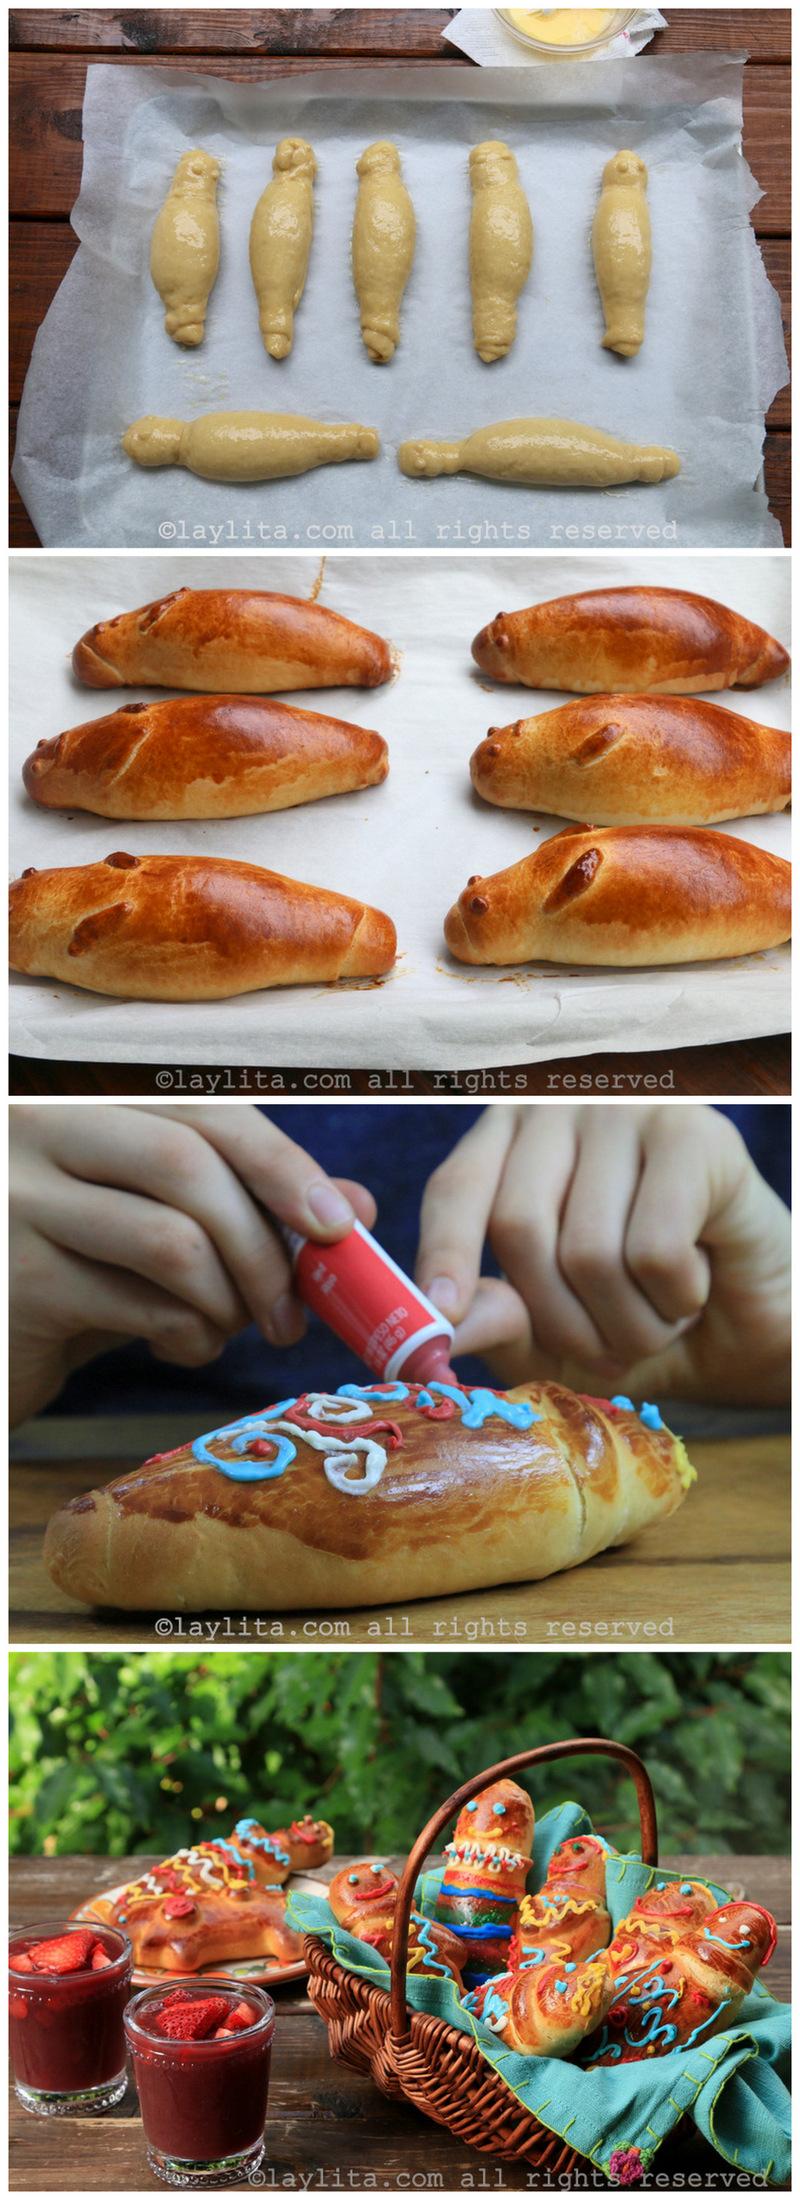 Hornear y decorar las figuras de pan o guaguas de pan ecuatorianas